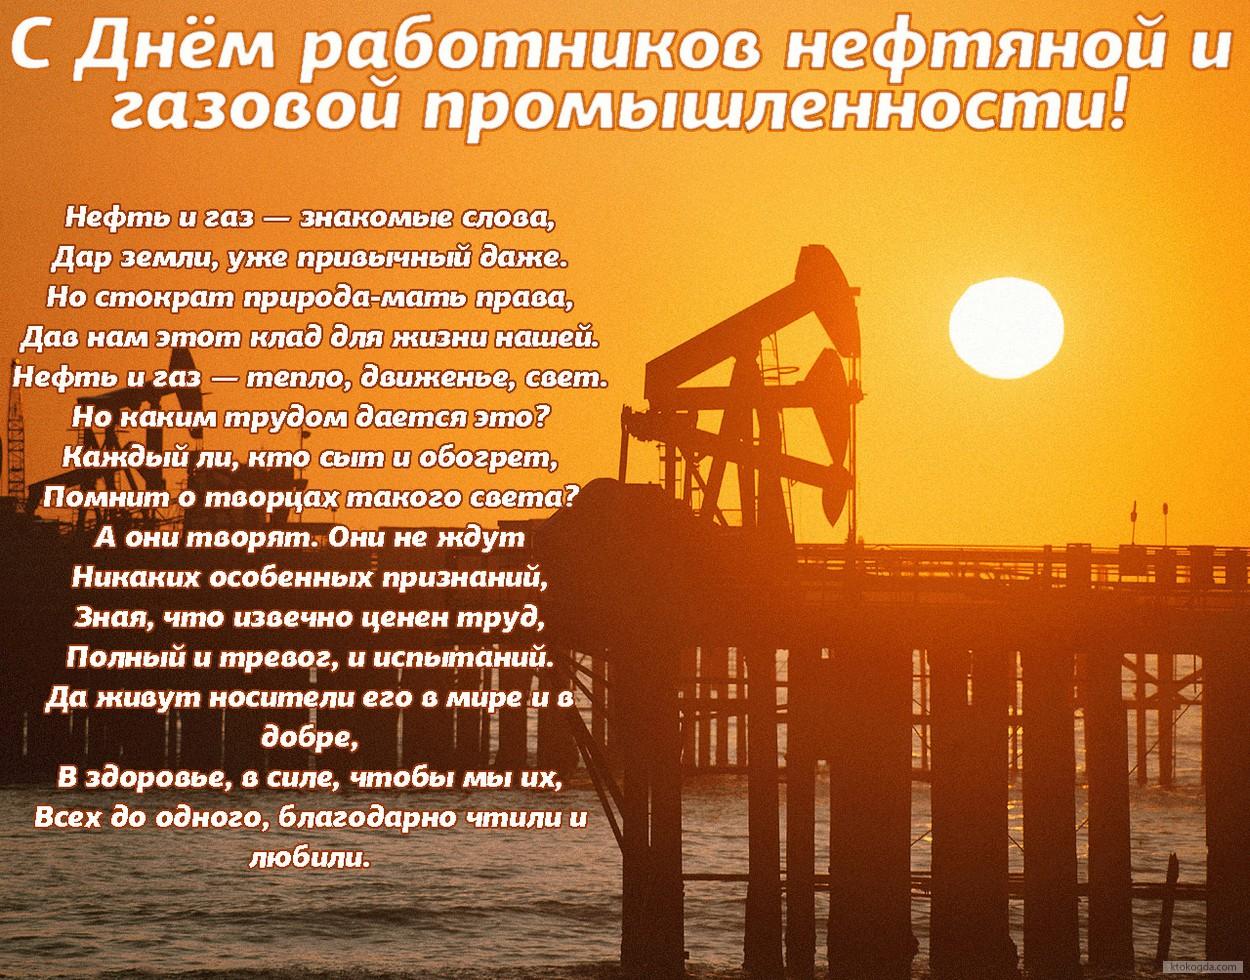 Поздравления к дню газовой и нефтяной промышленности